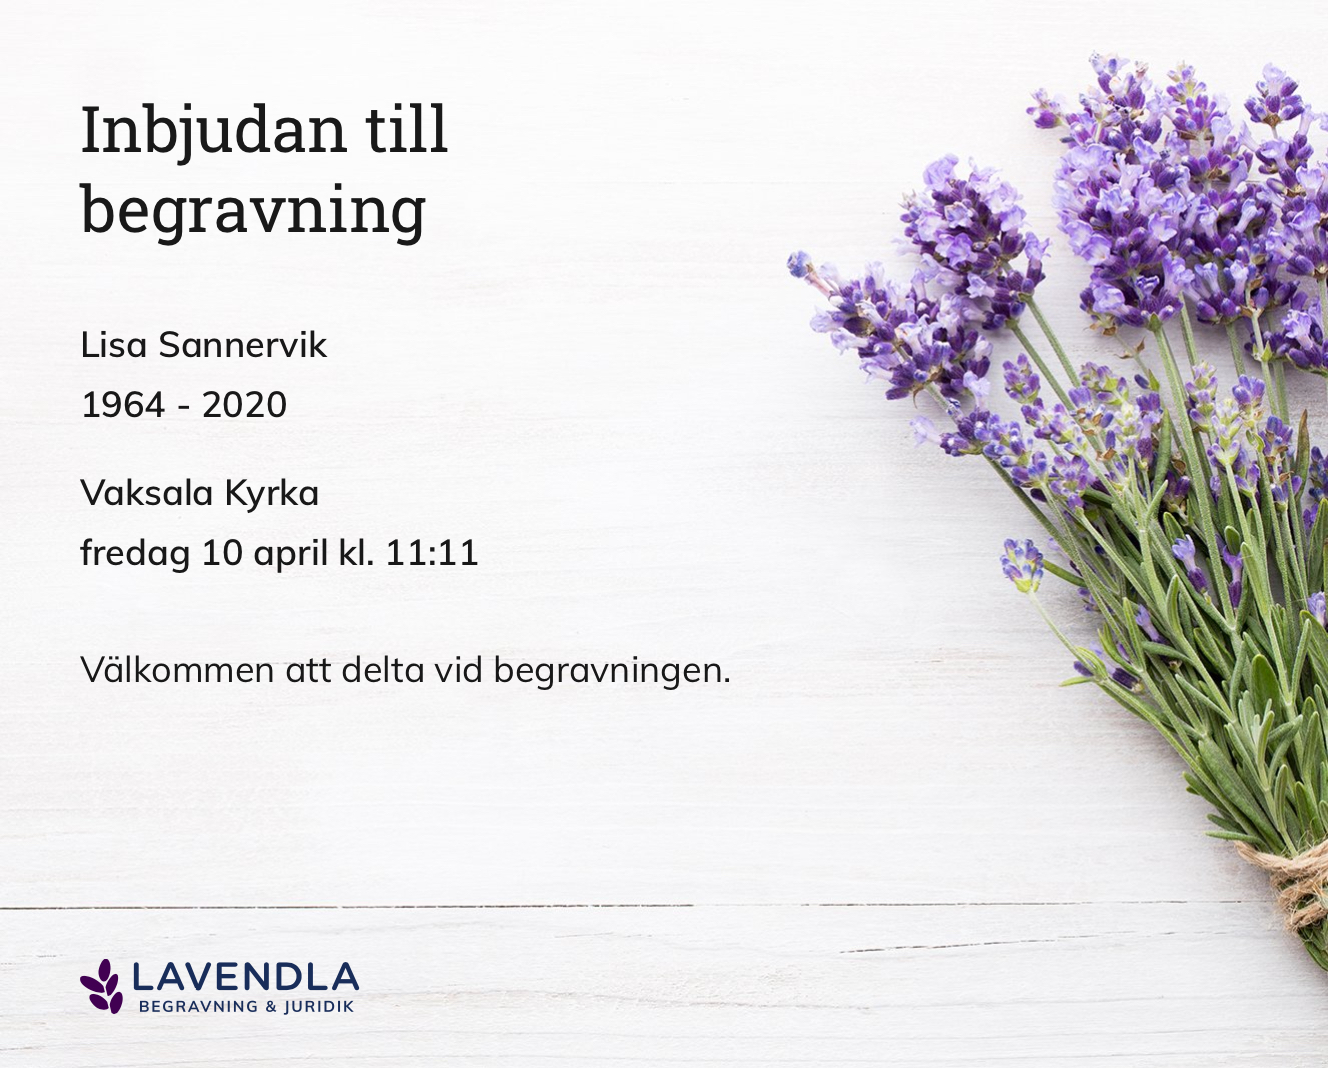 Inbjudningskort till ceremonin för Lisa Sannervik